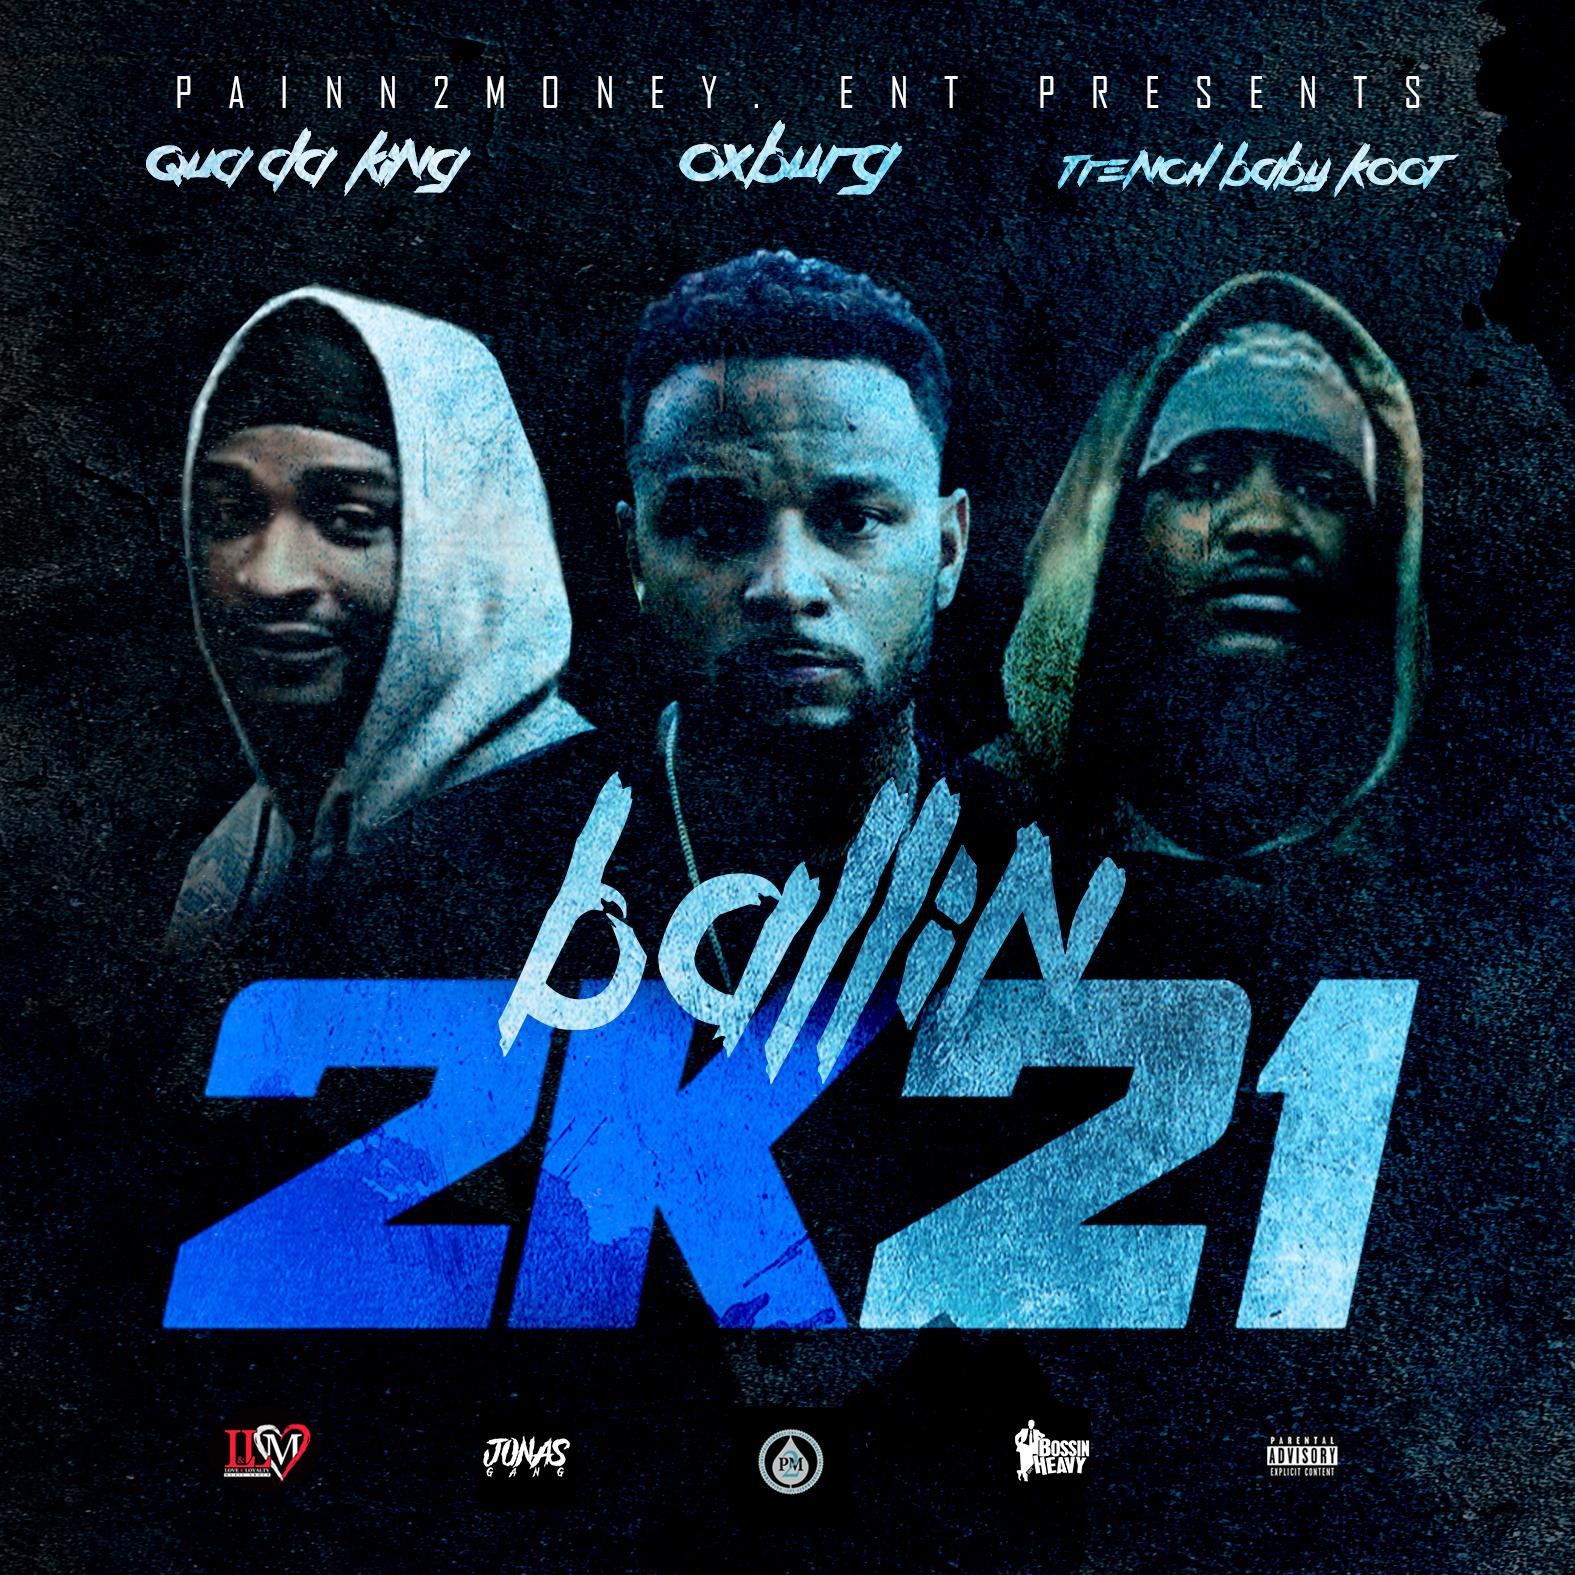 New Music: Duke Painn2Money – Ballin 2K21 Featuring Oxburg, Qua DaKing & Trench Baby Koot